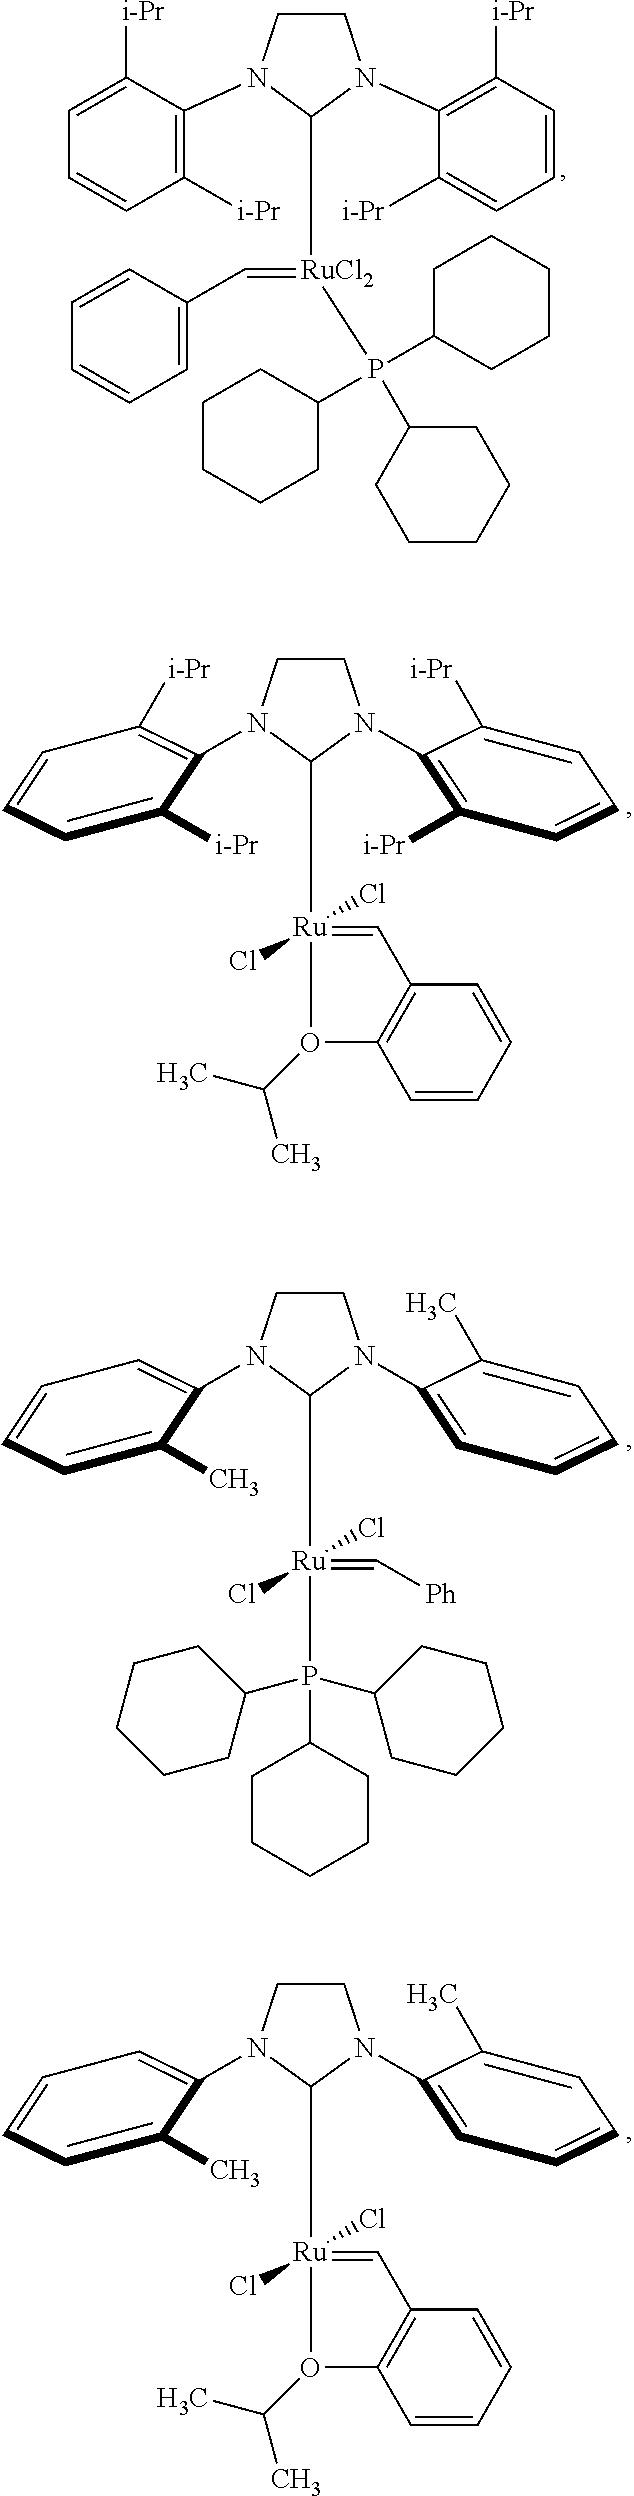 Figure US09598543-20170321-C00016